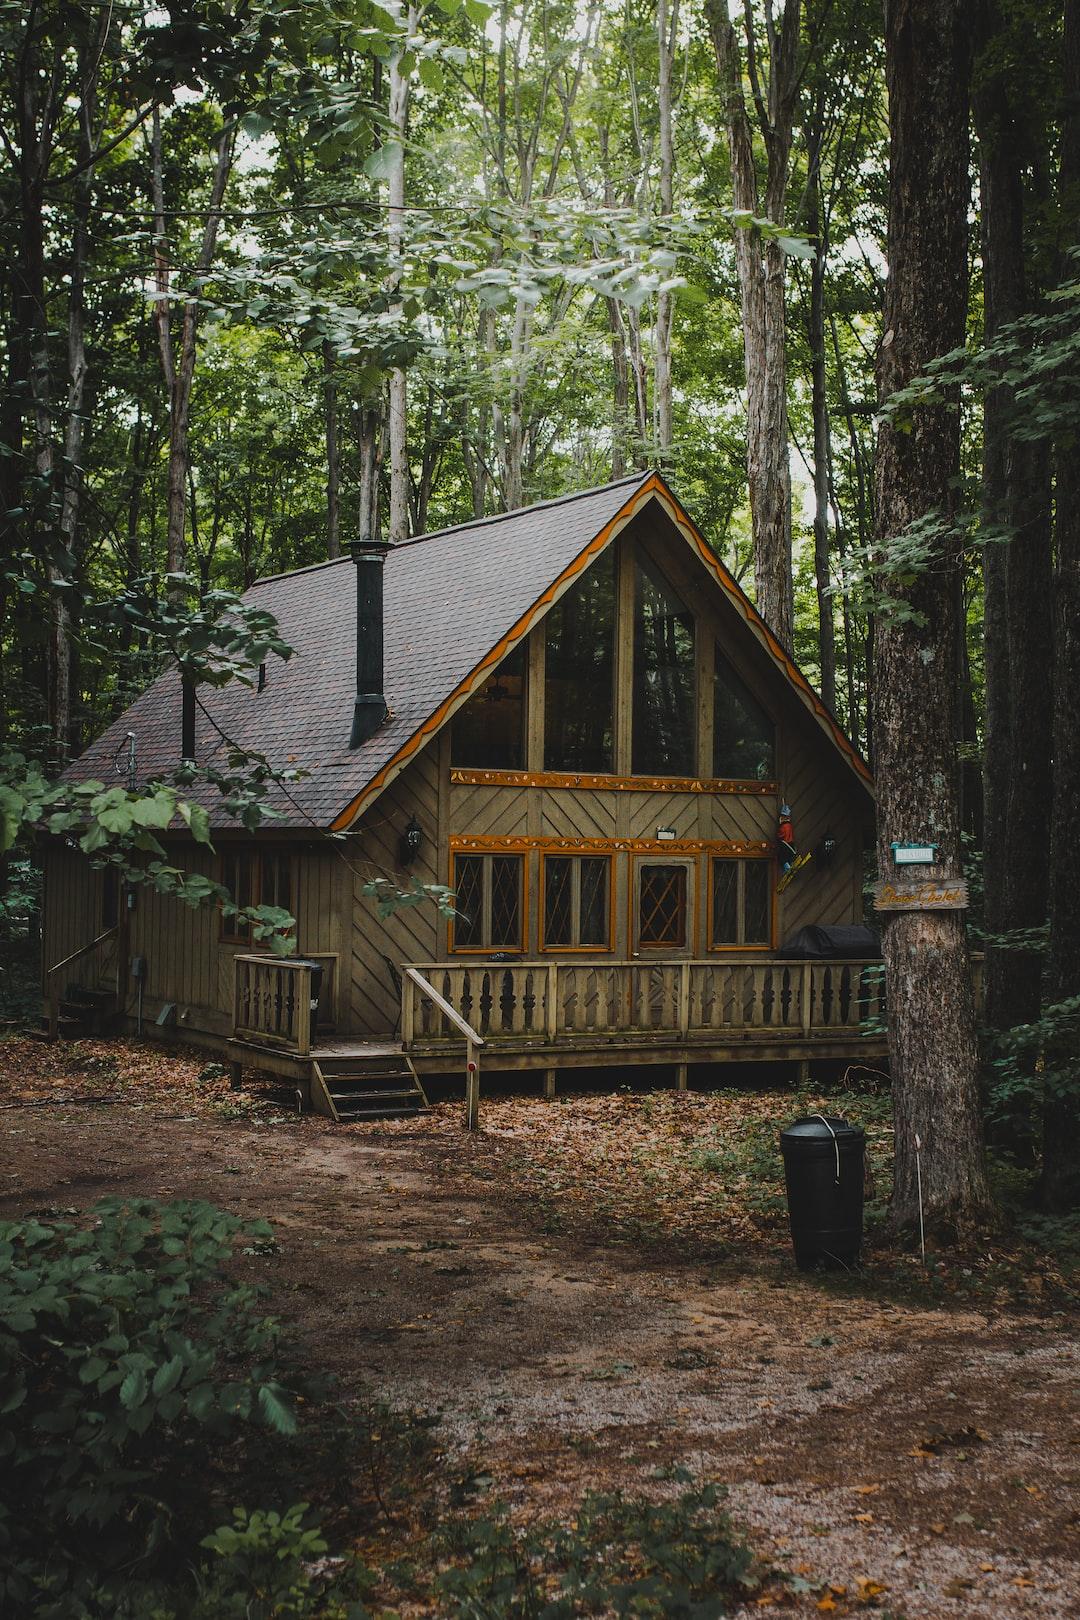 Comment fonctionne l'évaluation d'une maison et combien coûte-t-elle ?